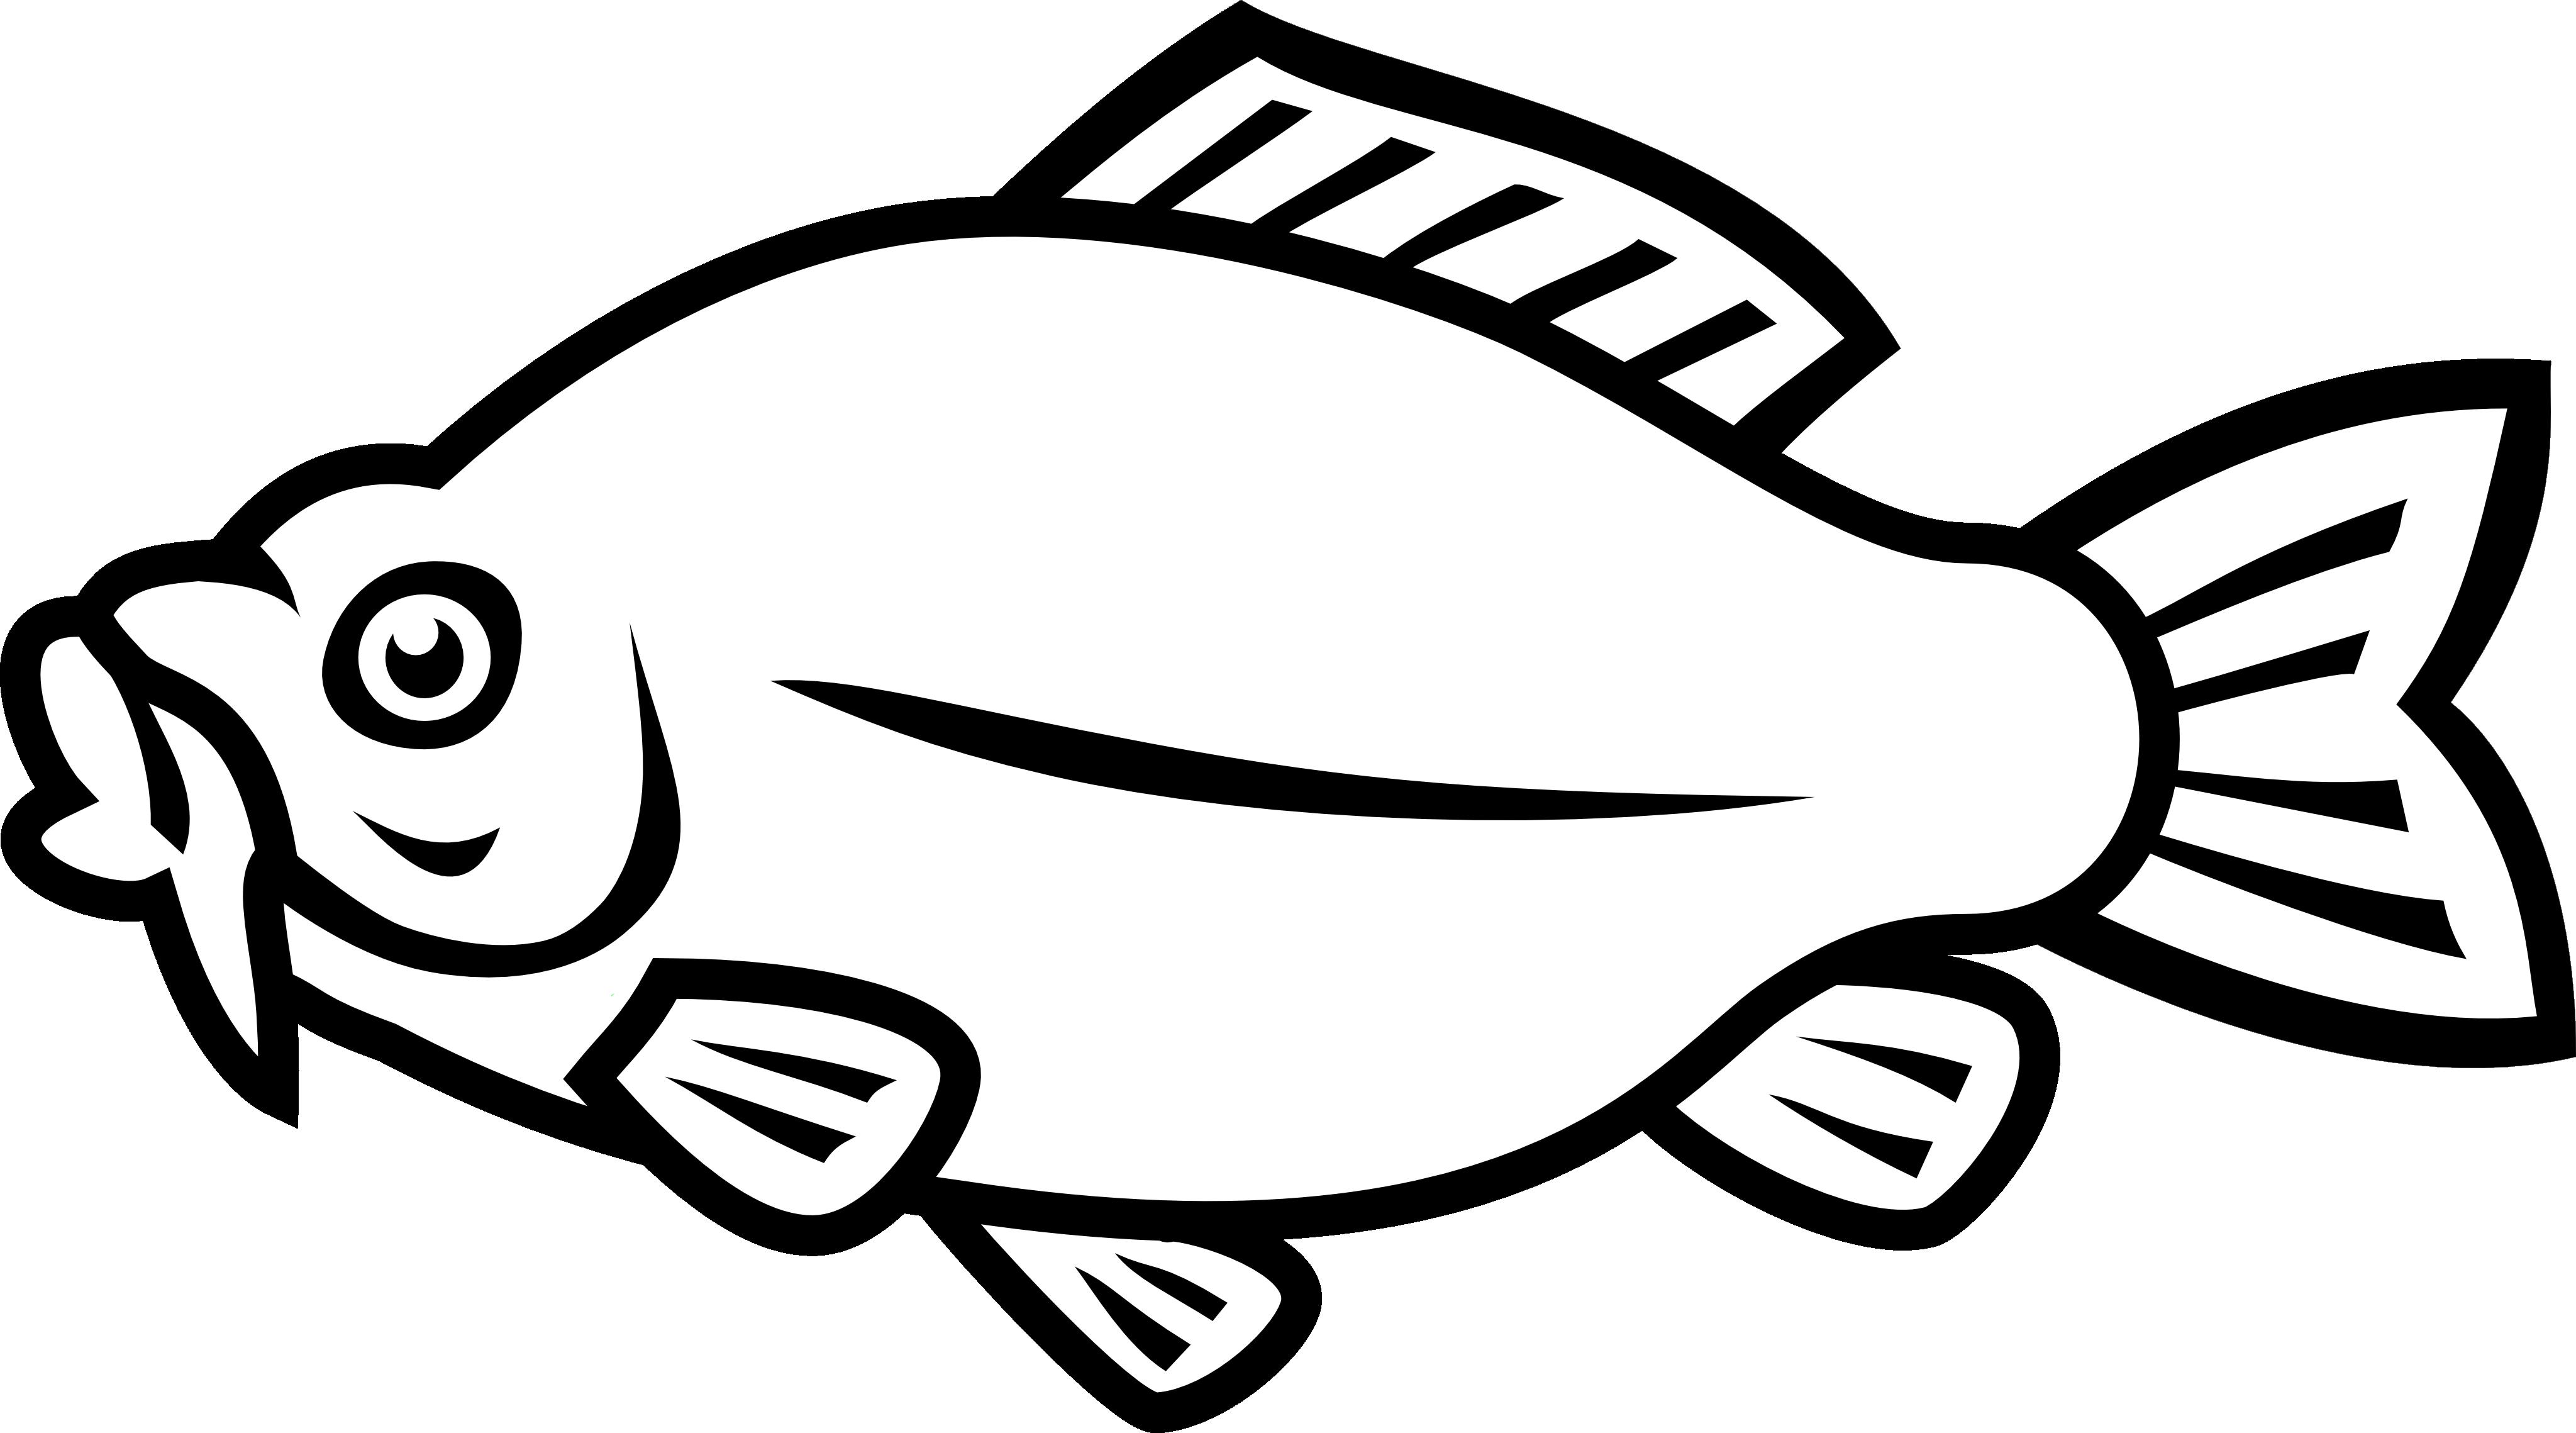 carp vector by nico-e on DeviantArt